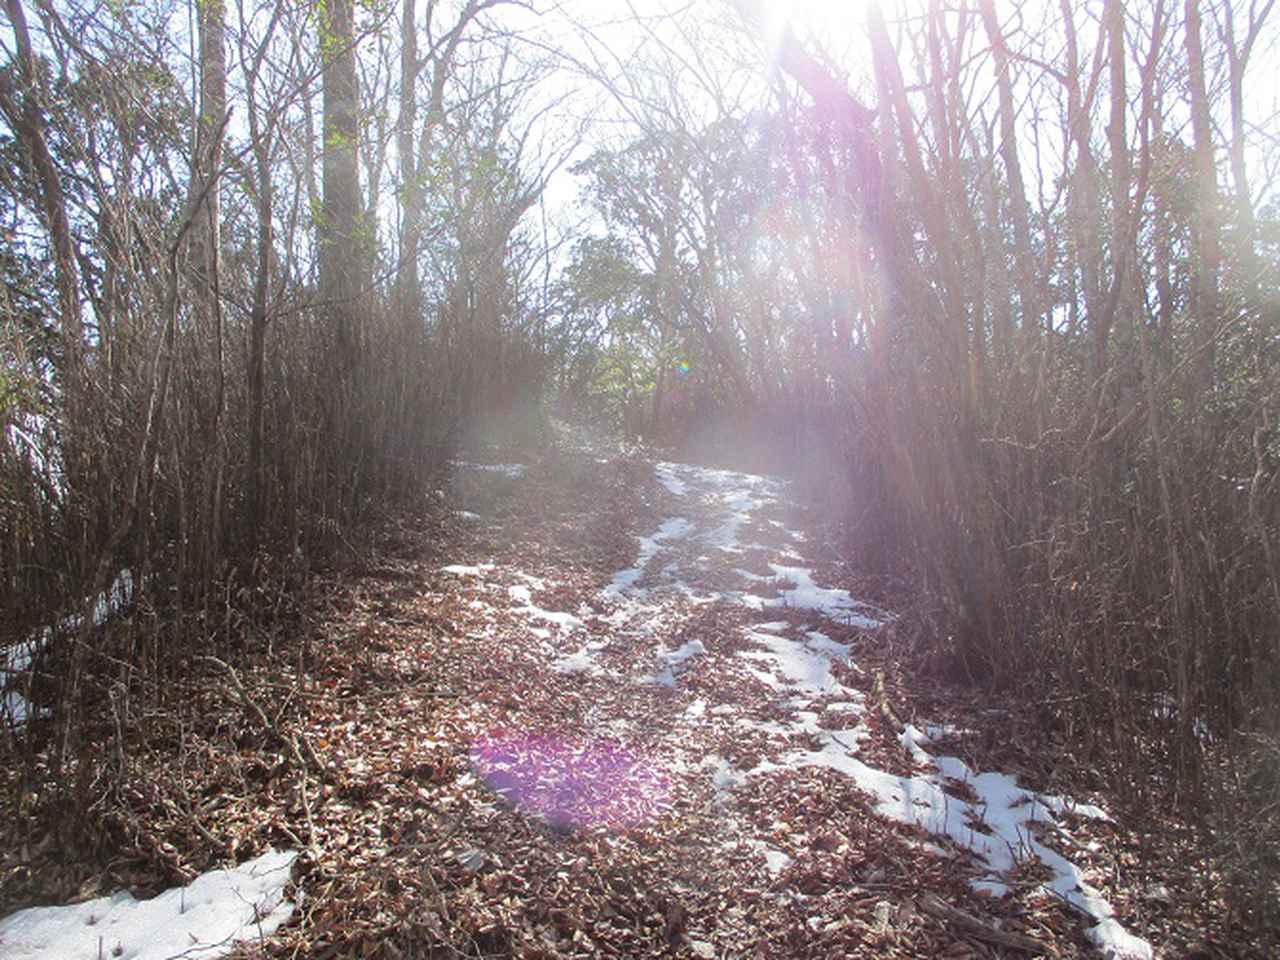 画像10: 来年冬の企画素材を探して山梨県南部の山 貫ヶ岳 を歩いてみました!